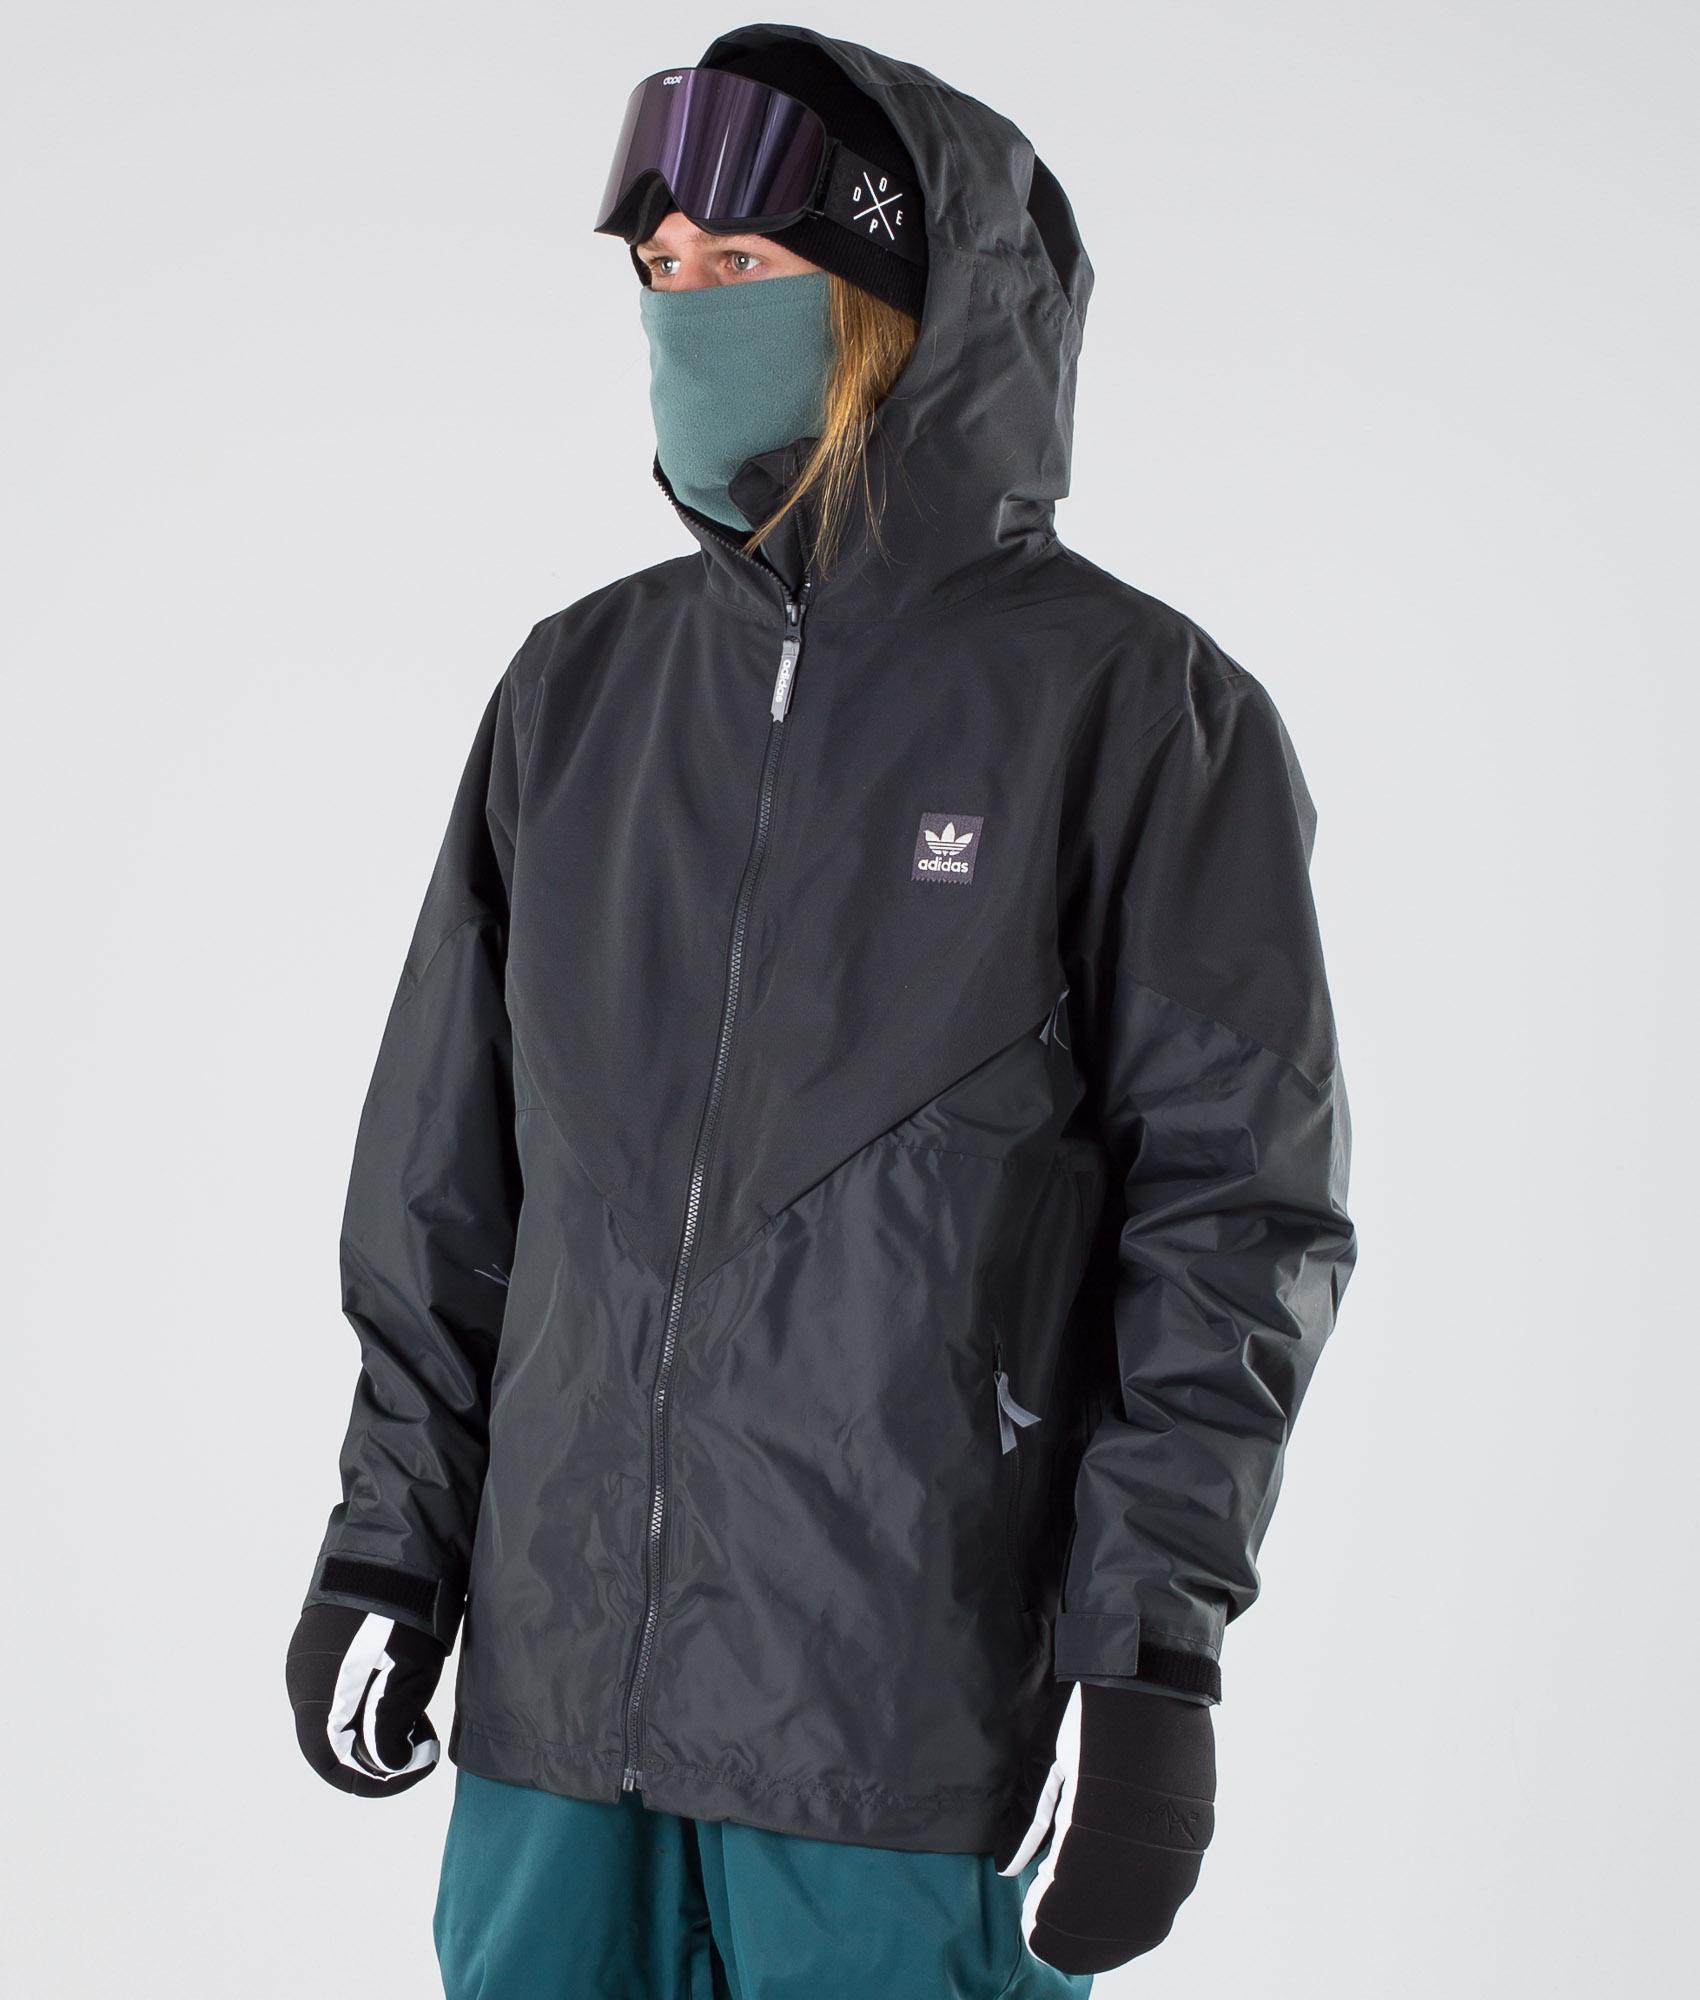 Adidas Snowboarding Boots & Jacken Online Kaufen